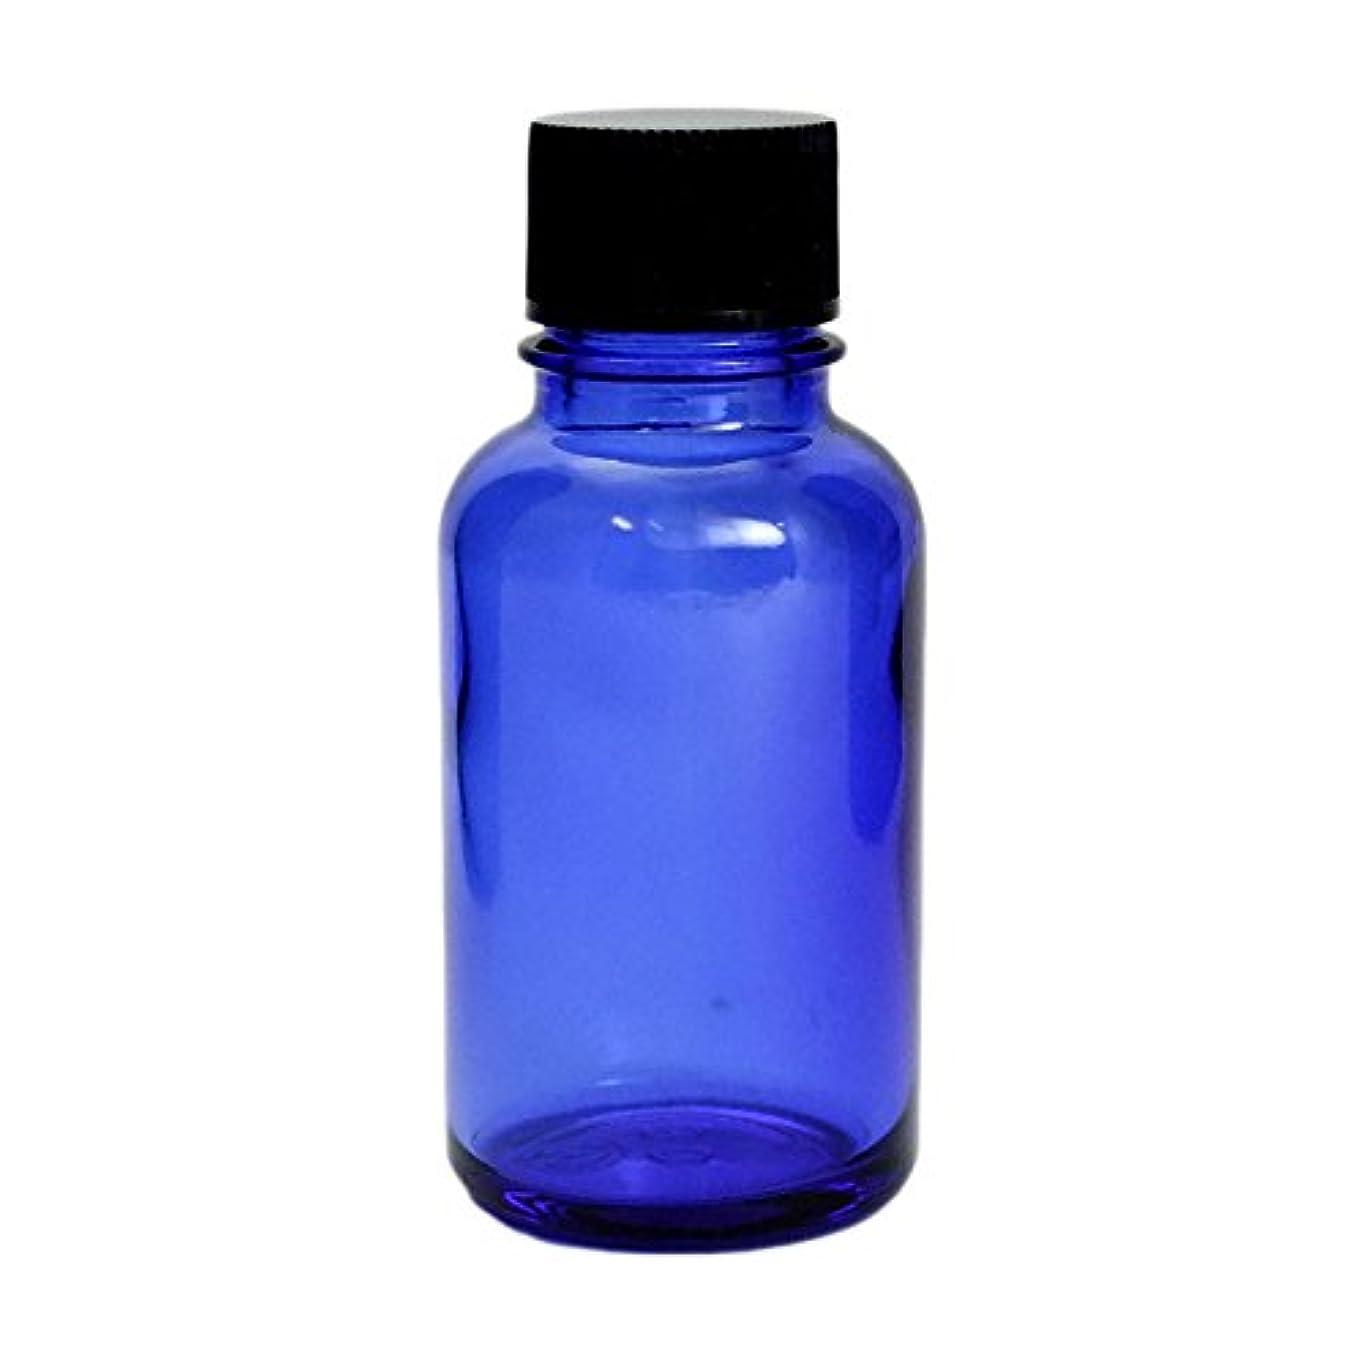 ダウンタウン死の顎邪魔する遮光瓶 ブルー 30cc SYA-B30cc (黒CAP ドロップ栓付)